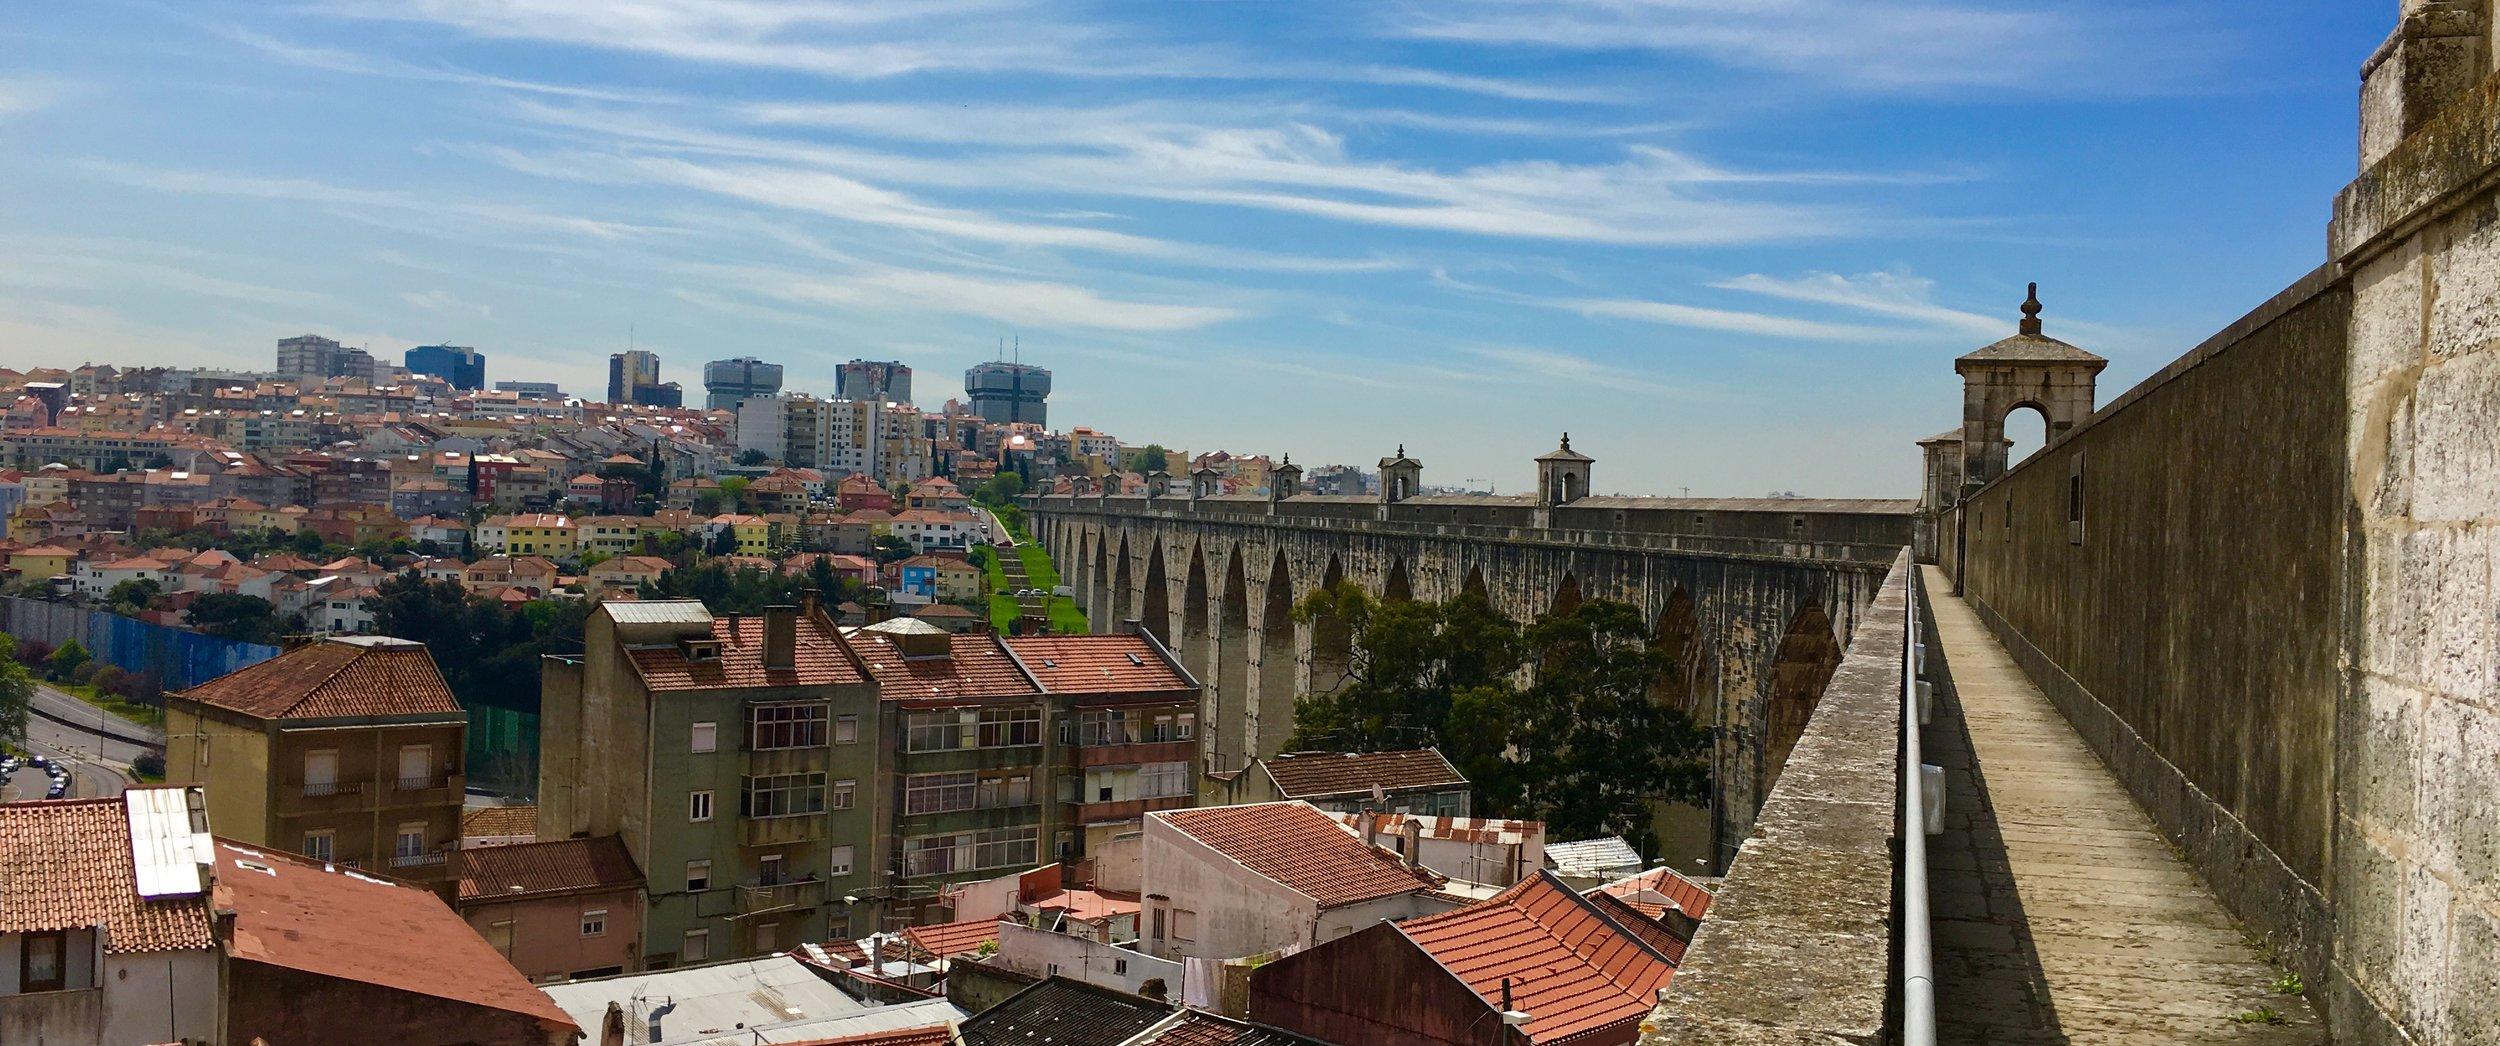 Águas Livres Aqueduct tour, Lisbon